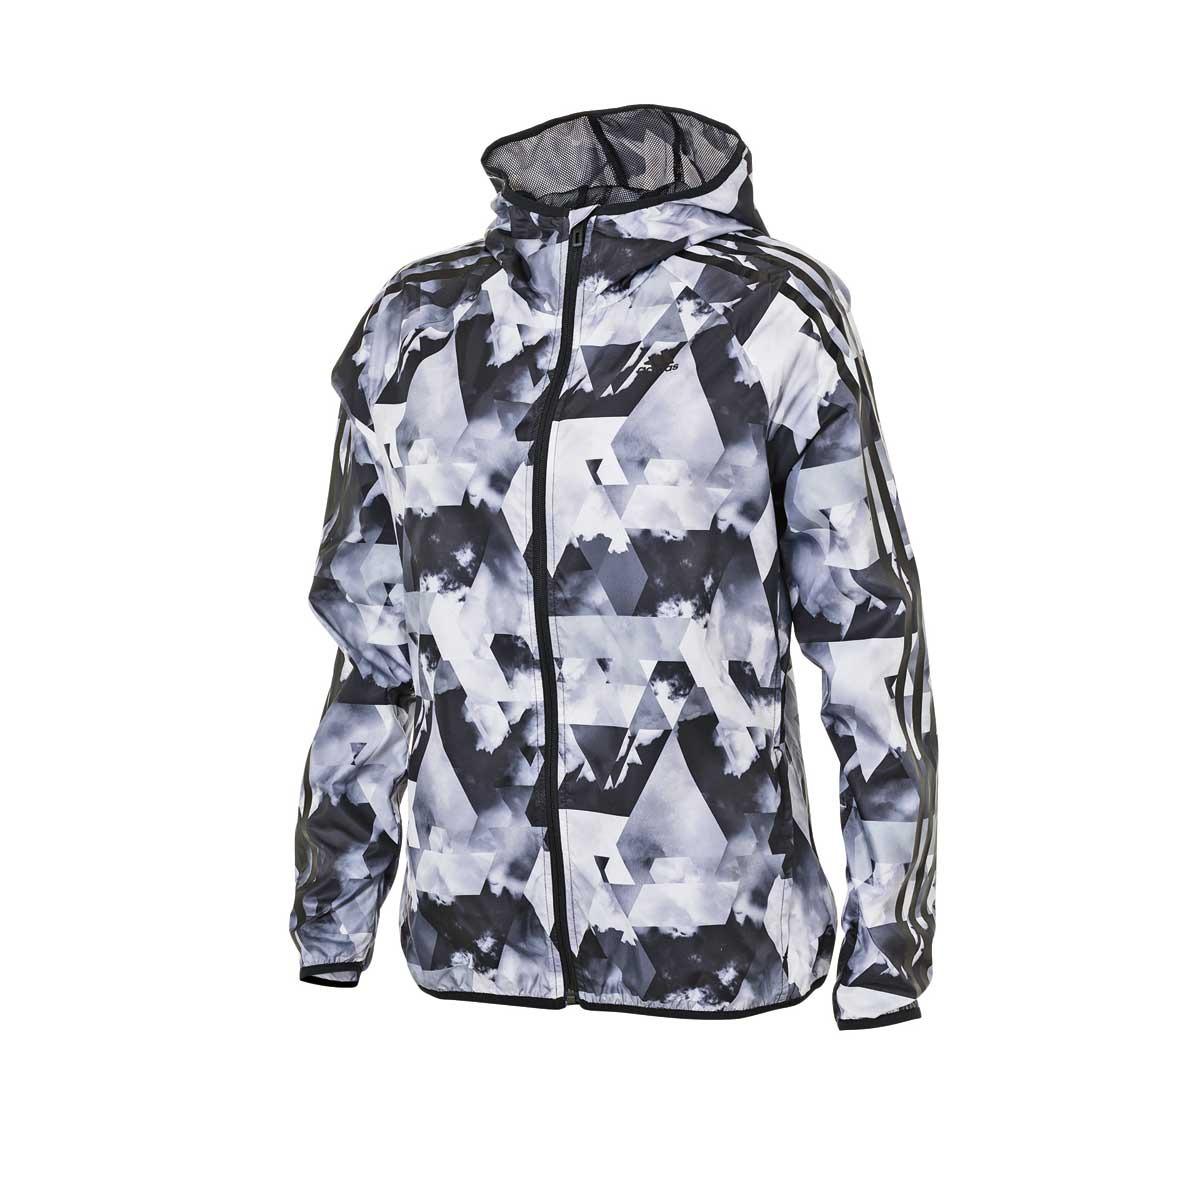 <strong>Adidas Women's Sportswear ID3 Stripe Windbreaker</strong>